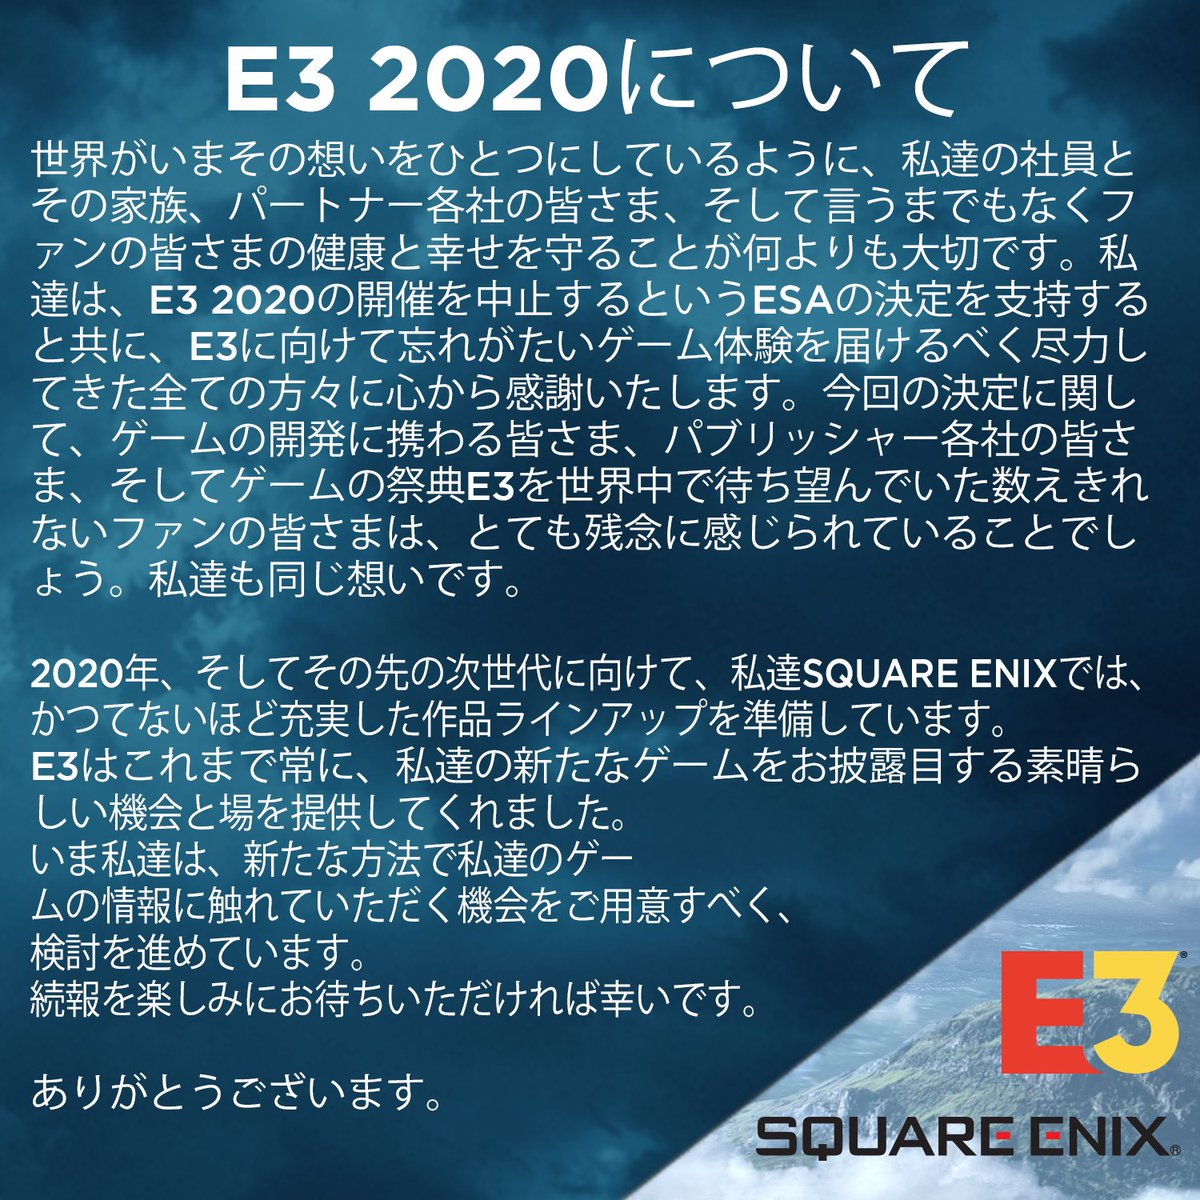 ES78xuSUcAAF2OY - スクエニ「2020年、その先の次世代に向けてかつてないほど充実したラインアップを準備している」